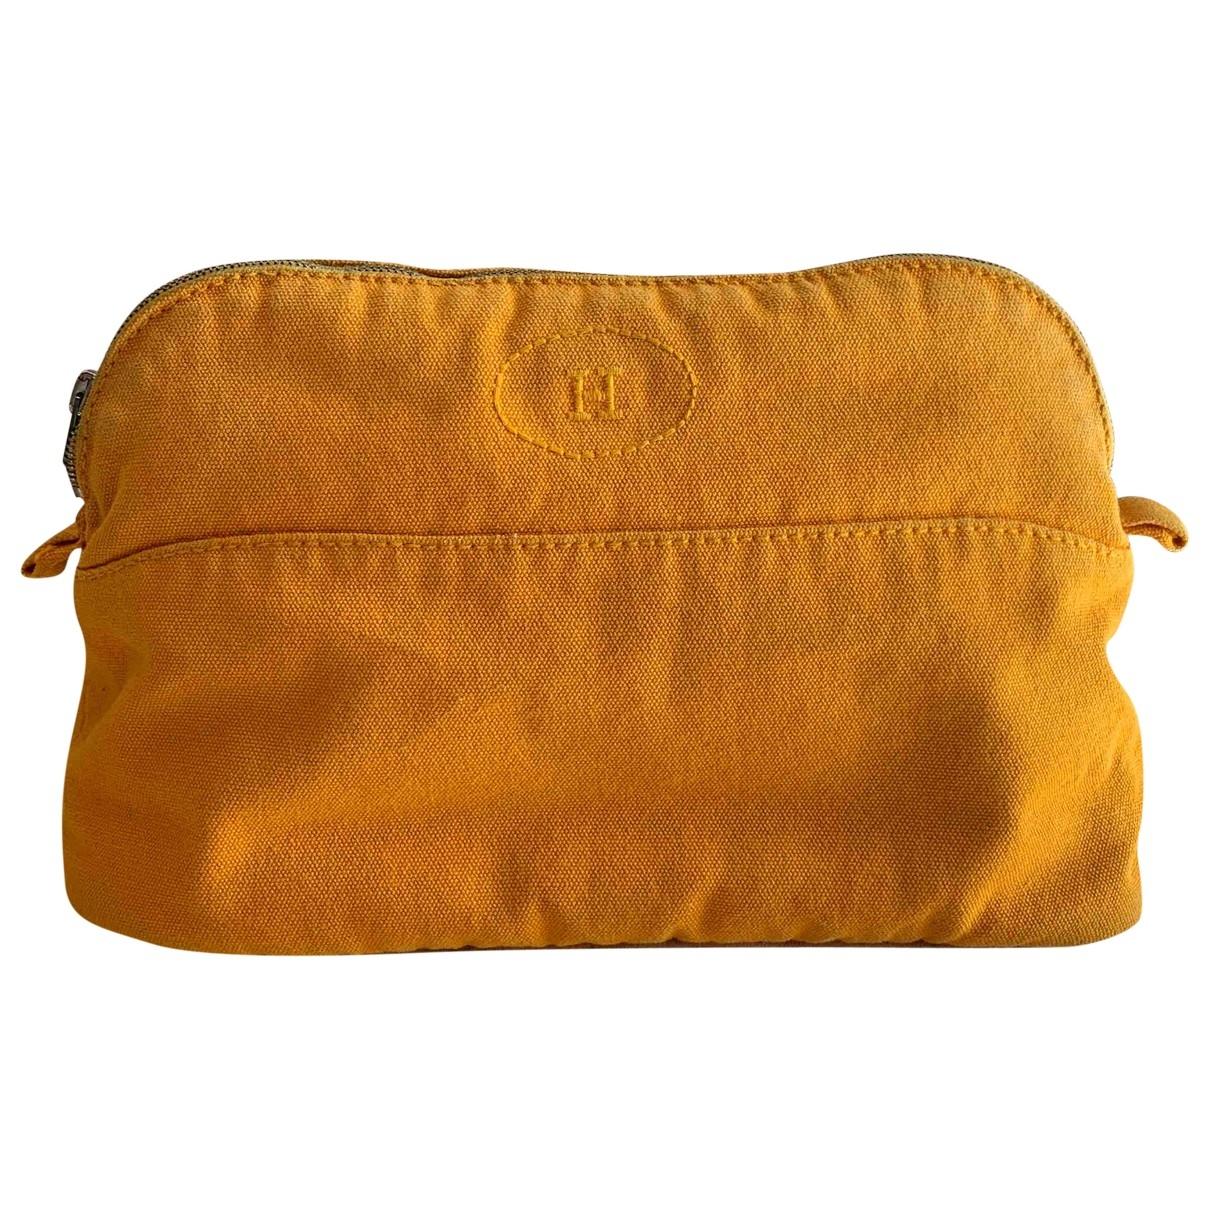 Hermes - Sac de voyage   pour femme en toile - jaune